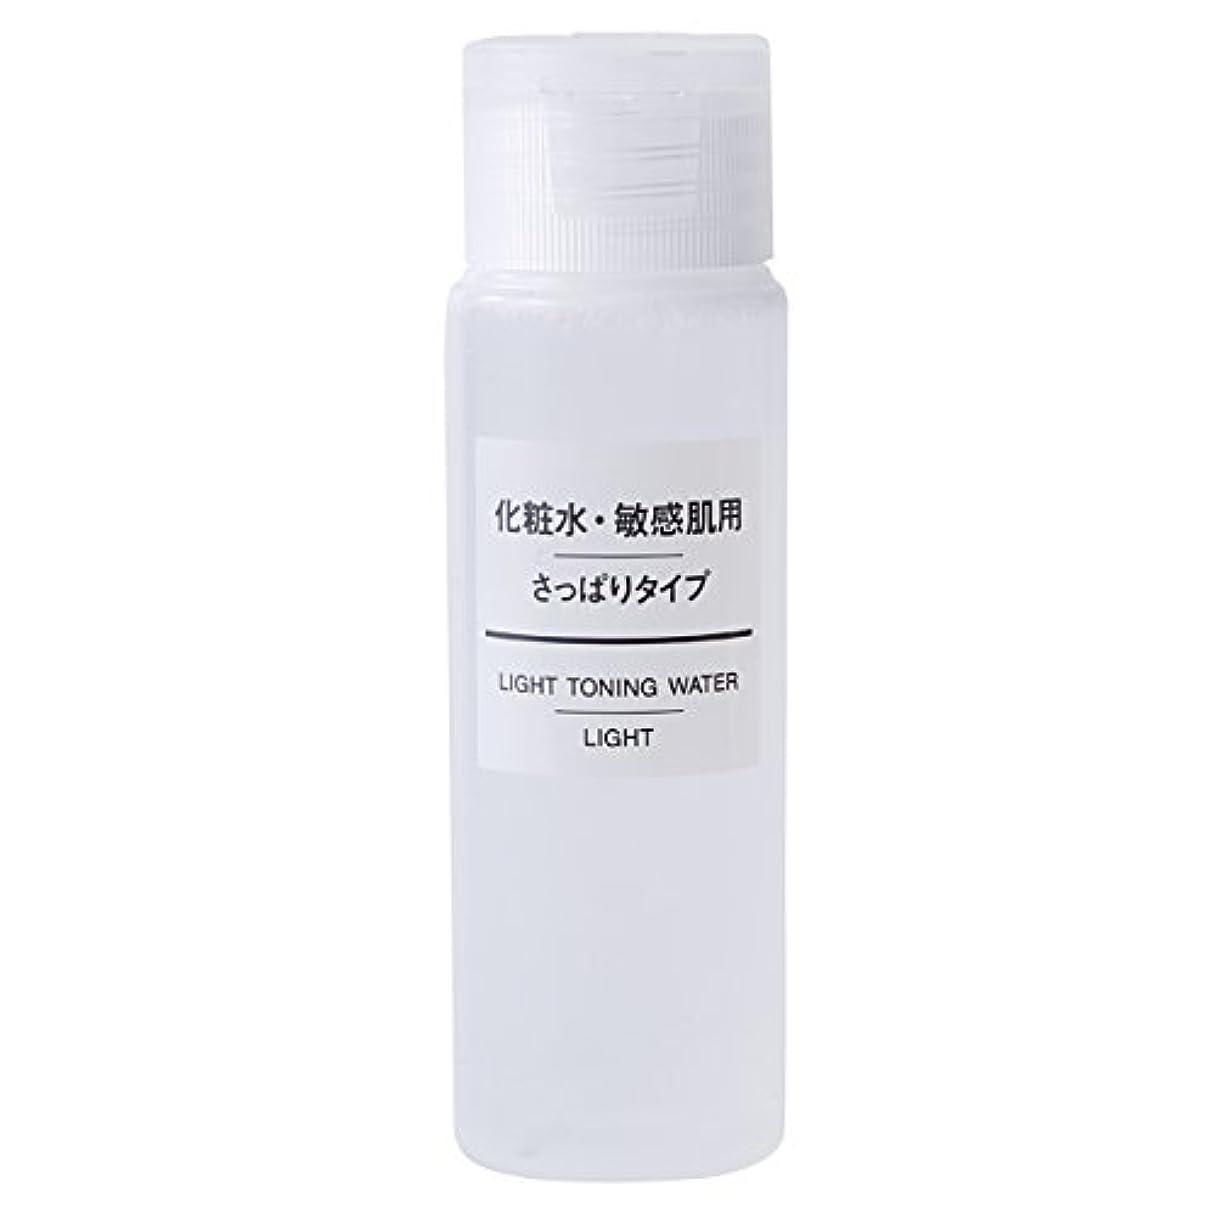 まぶしさ技術無知無印良品 化粧水 敏感肌用 さっぱりタイプ(携帯用) 50ml